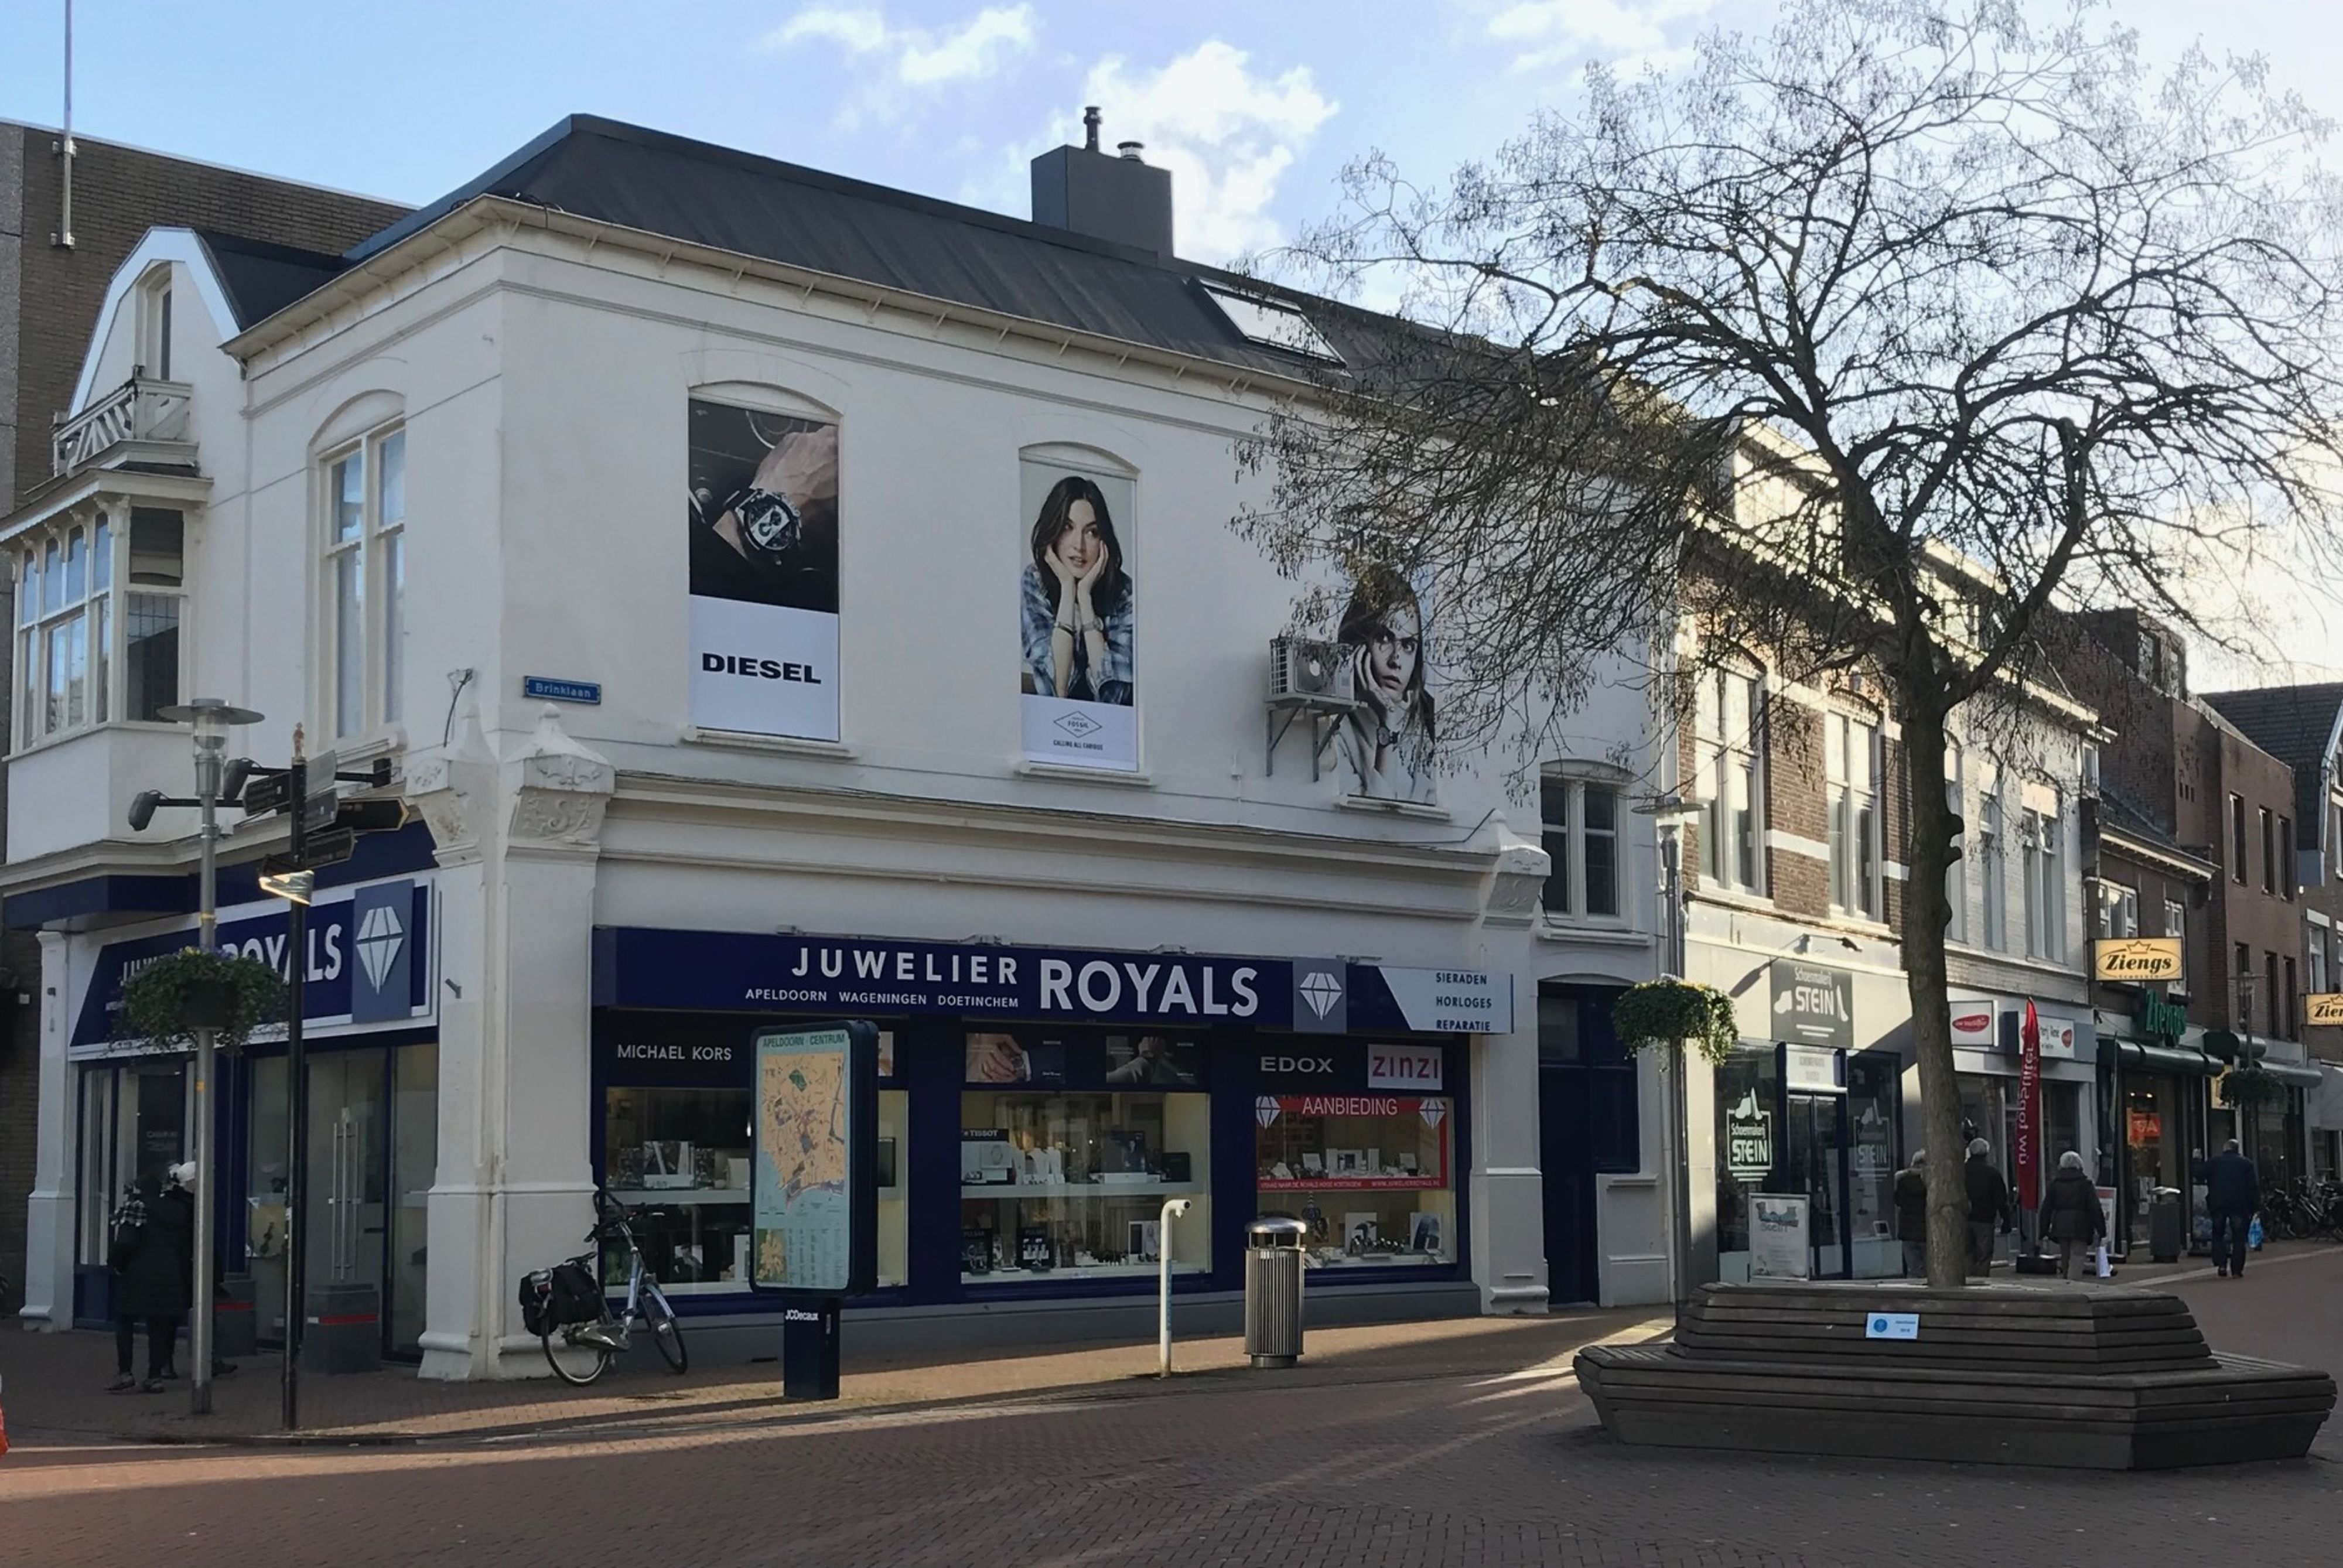 Juwelier Royals Apeldoorn